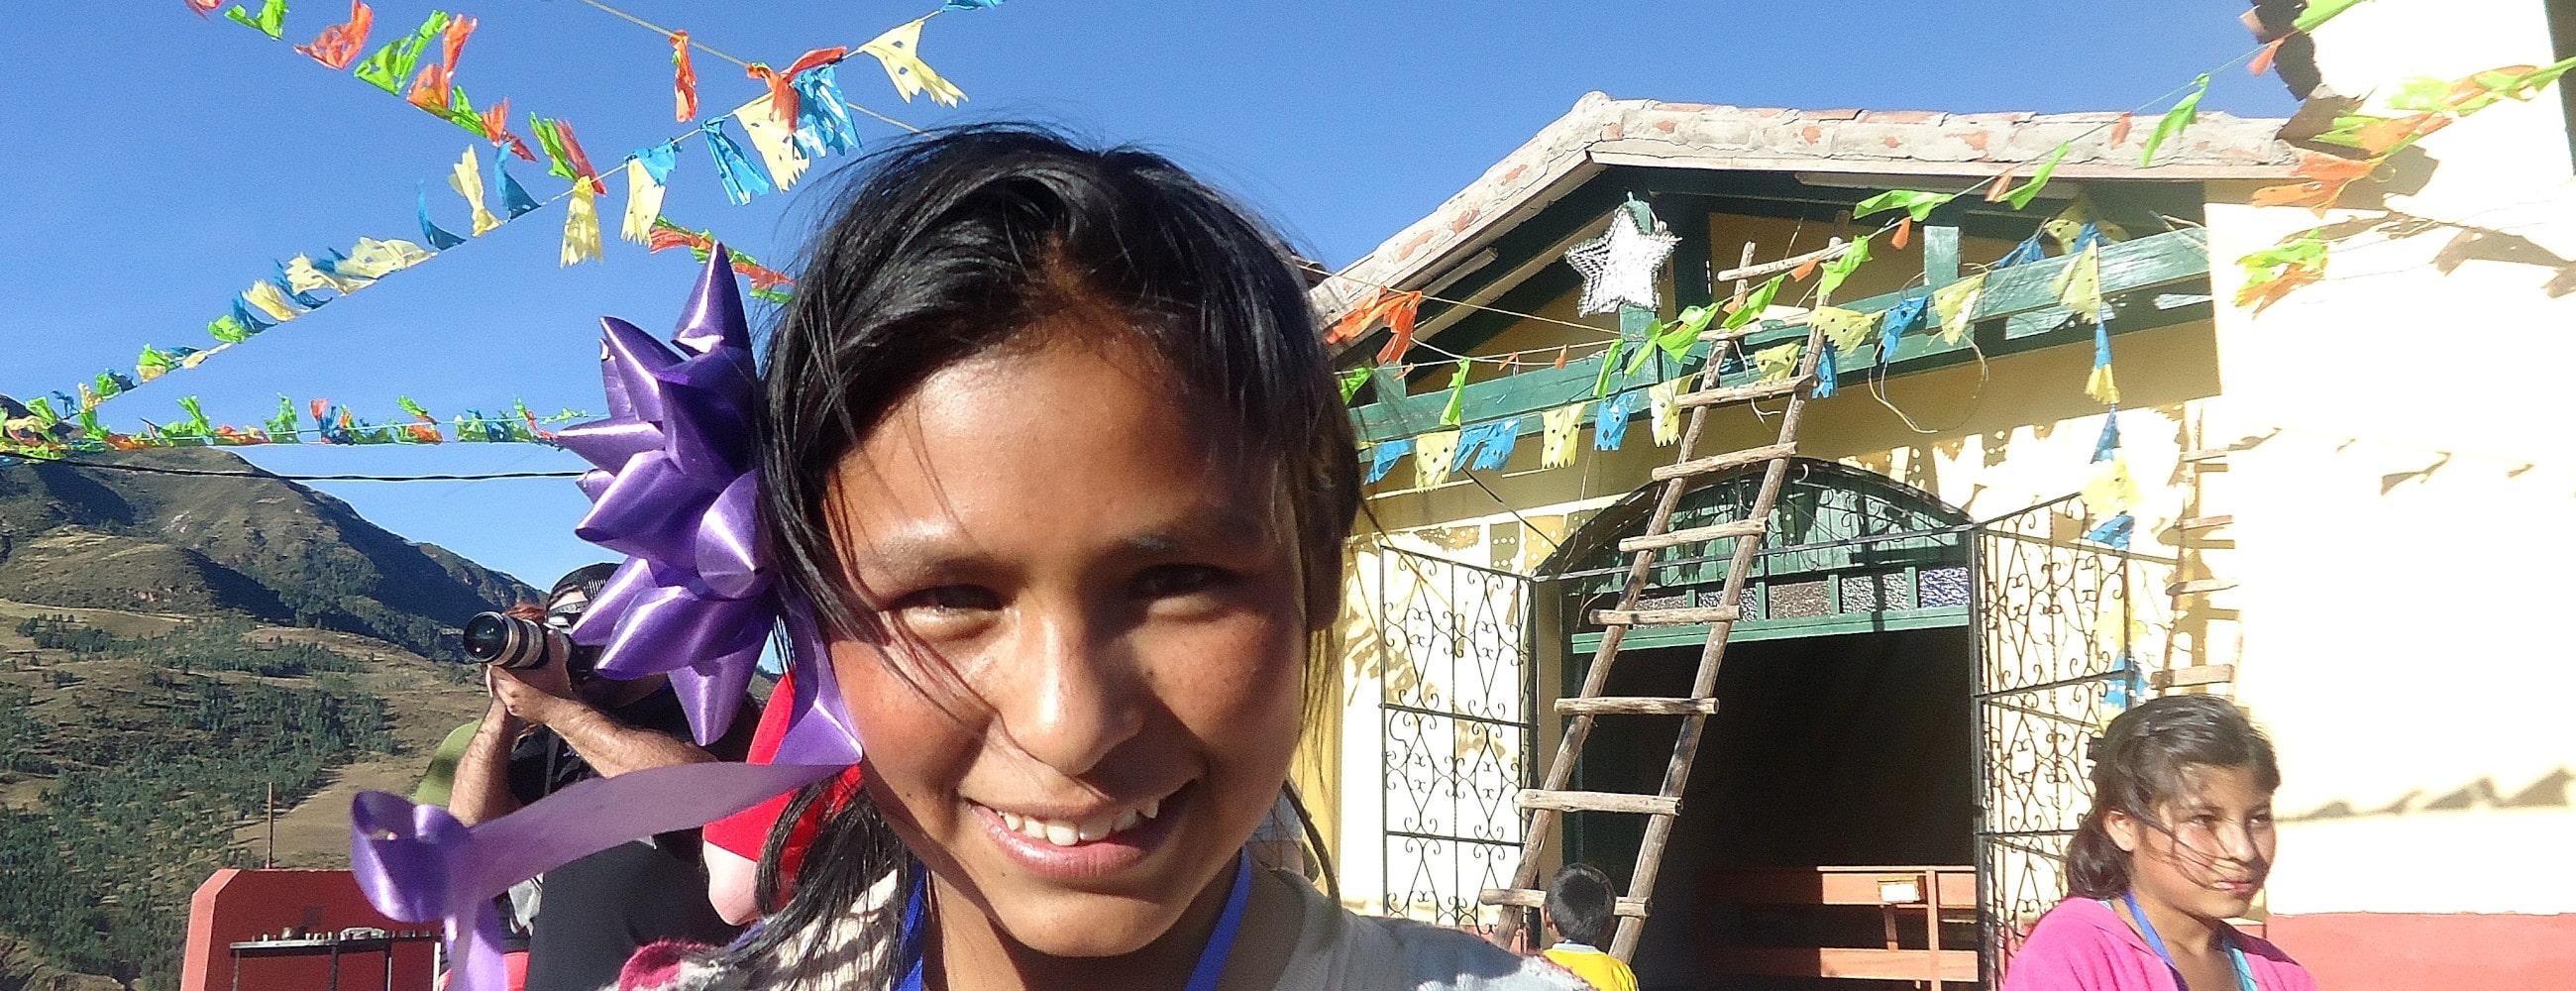 Peru Community Project Children